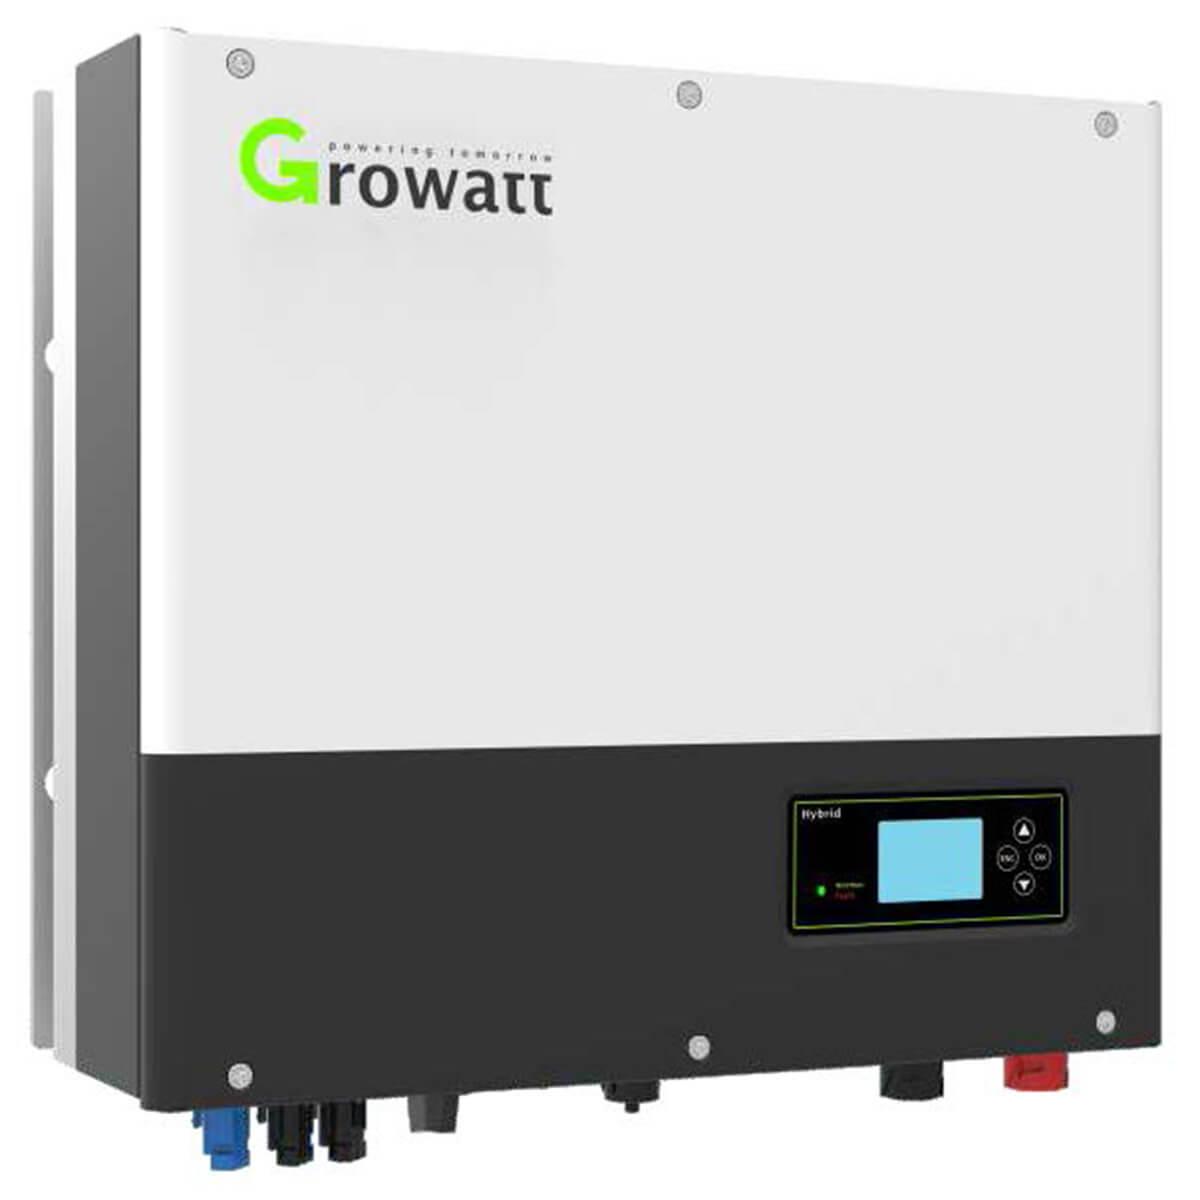 growatt 10000W hibrit inverter, growatt sph 10000W hibrit inverter, growatt sph 10000tl3 bh hibrit inverter, growatt sph 10000tl3 bh, growatt sph 10000 W, GROWATT 10000W